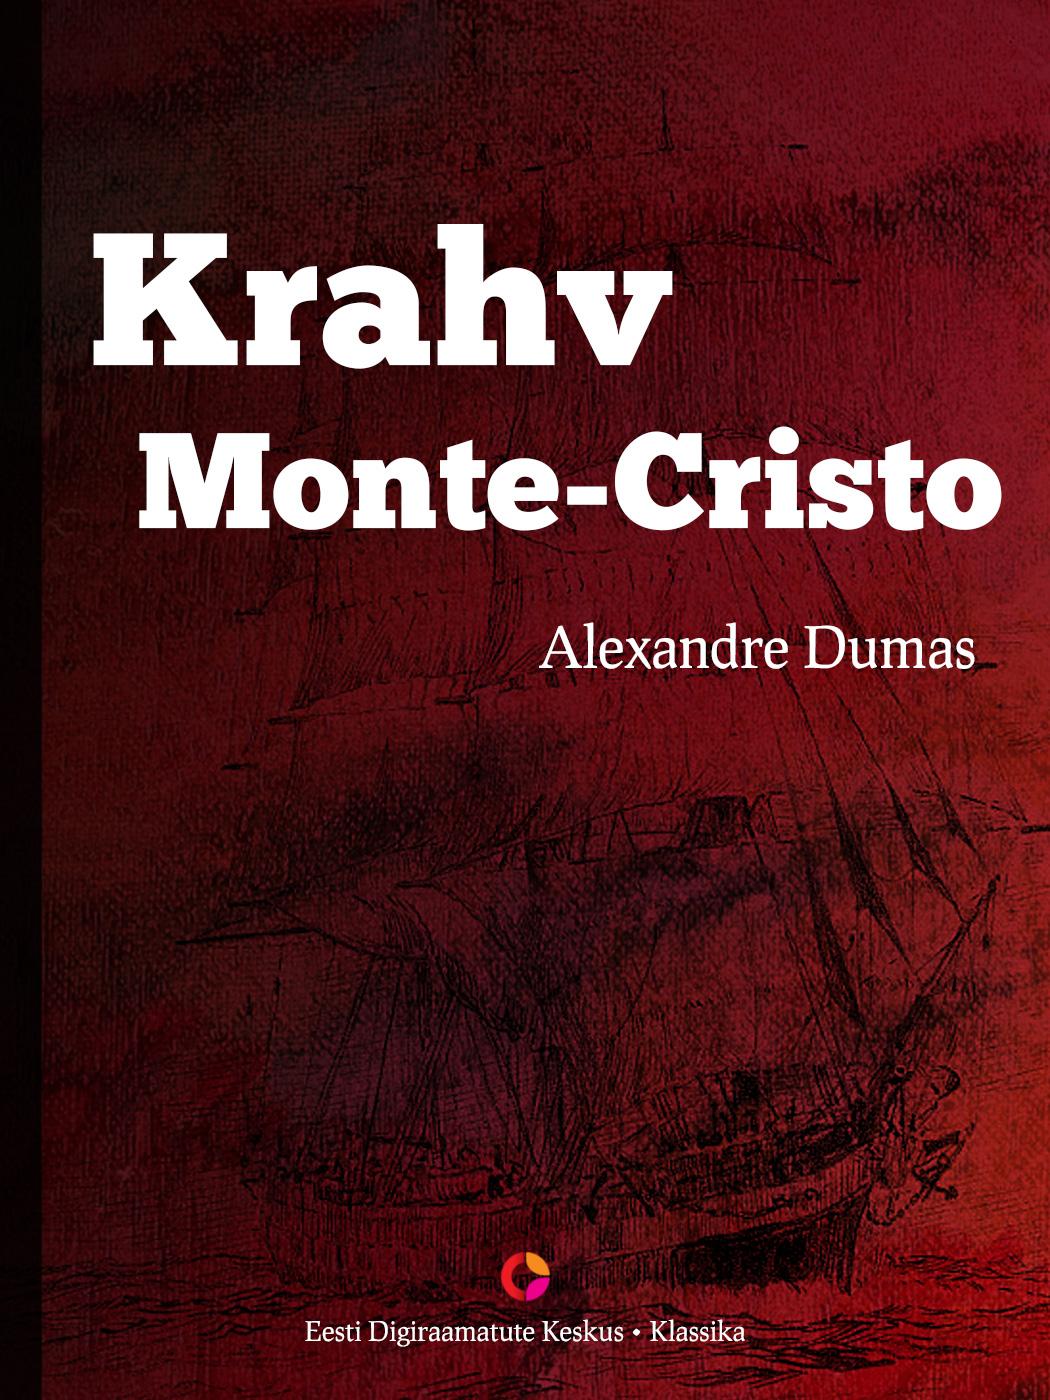 Alexandre Dumas Krahv Monte-Cristo (koguteos) ivar sinimets ungari kirjandus mitteungarlasele